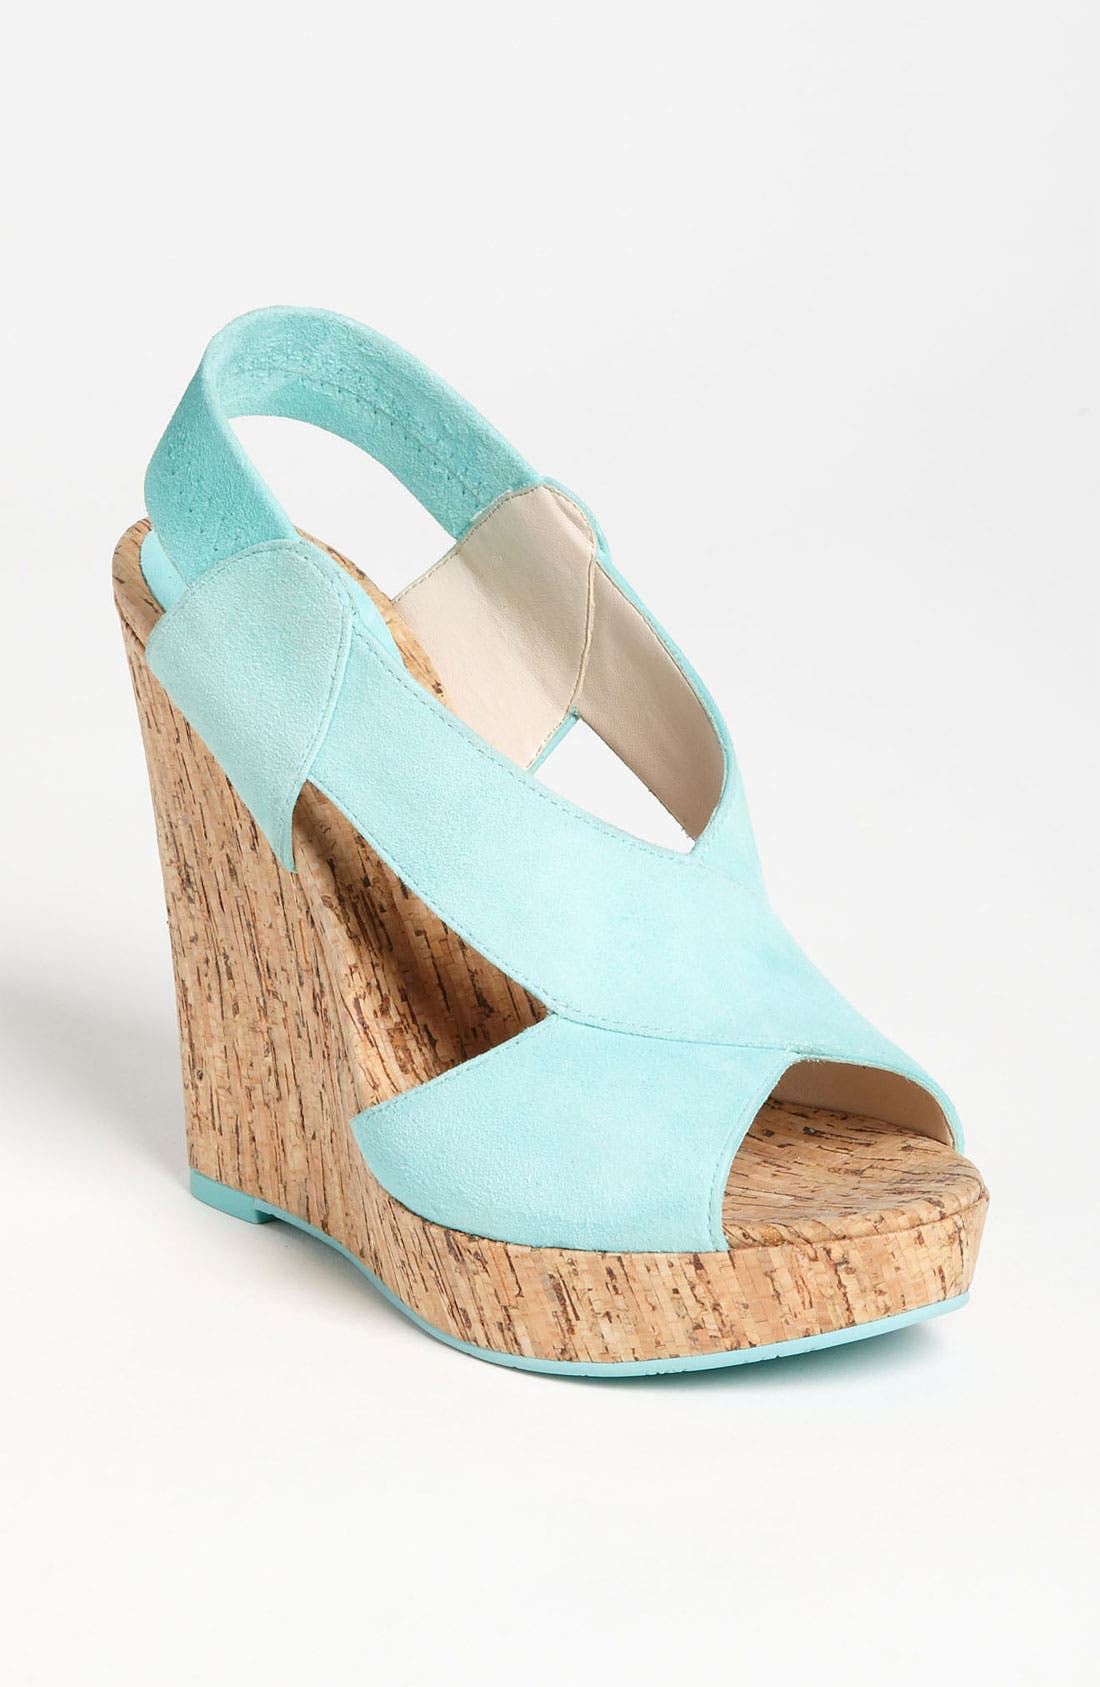 Main Image - Pelle Moda 'Dana' Wedge Sandal